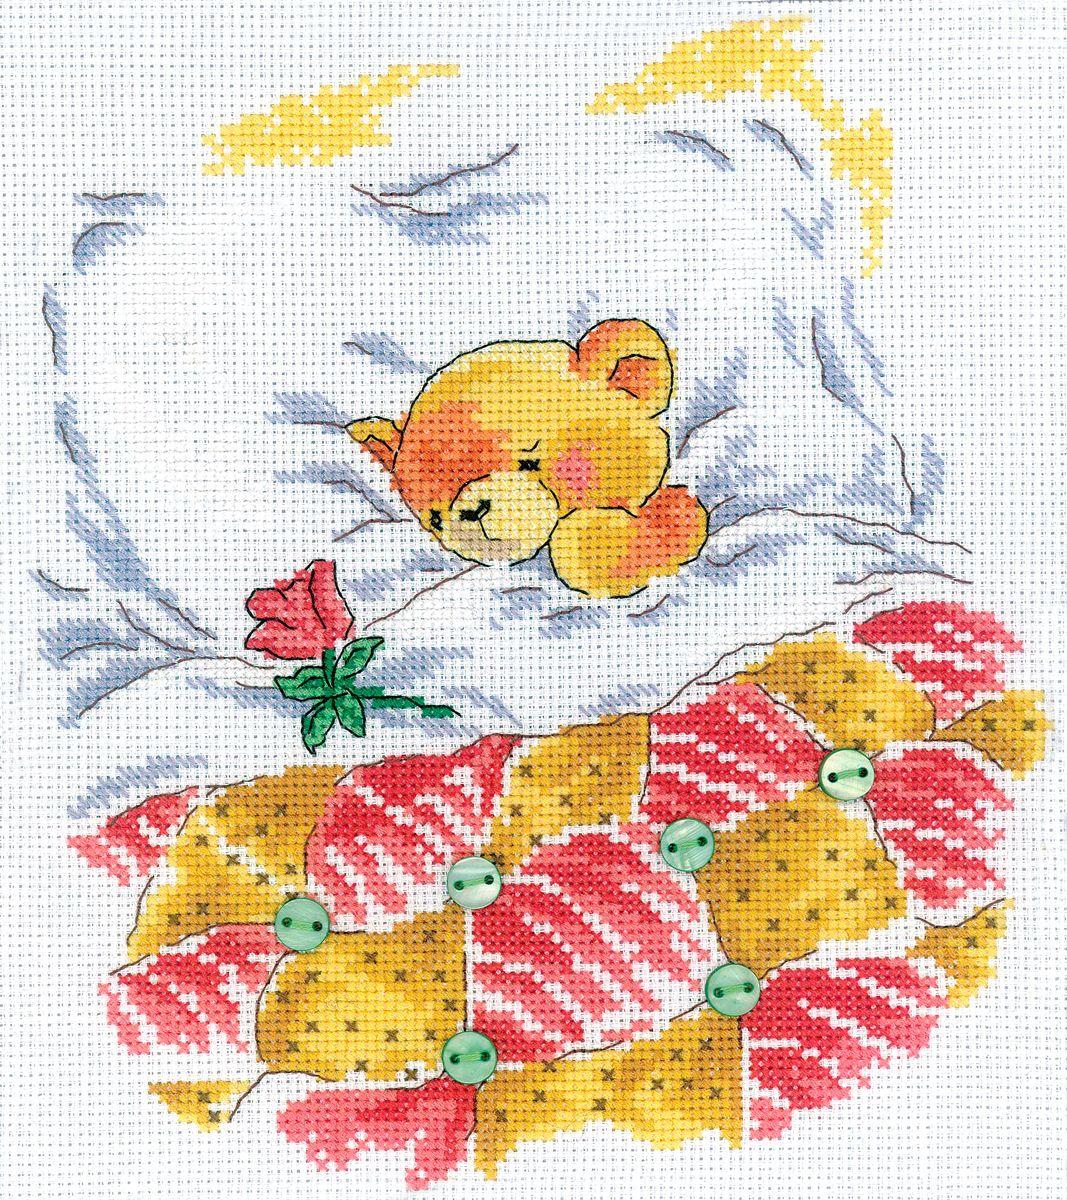 Набор для вышивания RTO Хорошо быть любимым, 20 см х 22,5 см. M208M208Мулине на карте, разобранное по цветам, канва, символьная схема, игла, инструкция